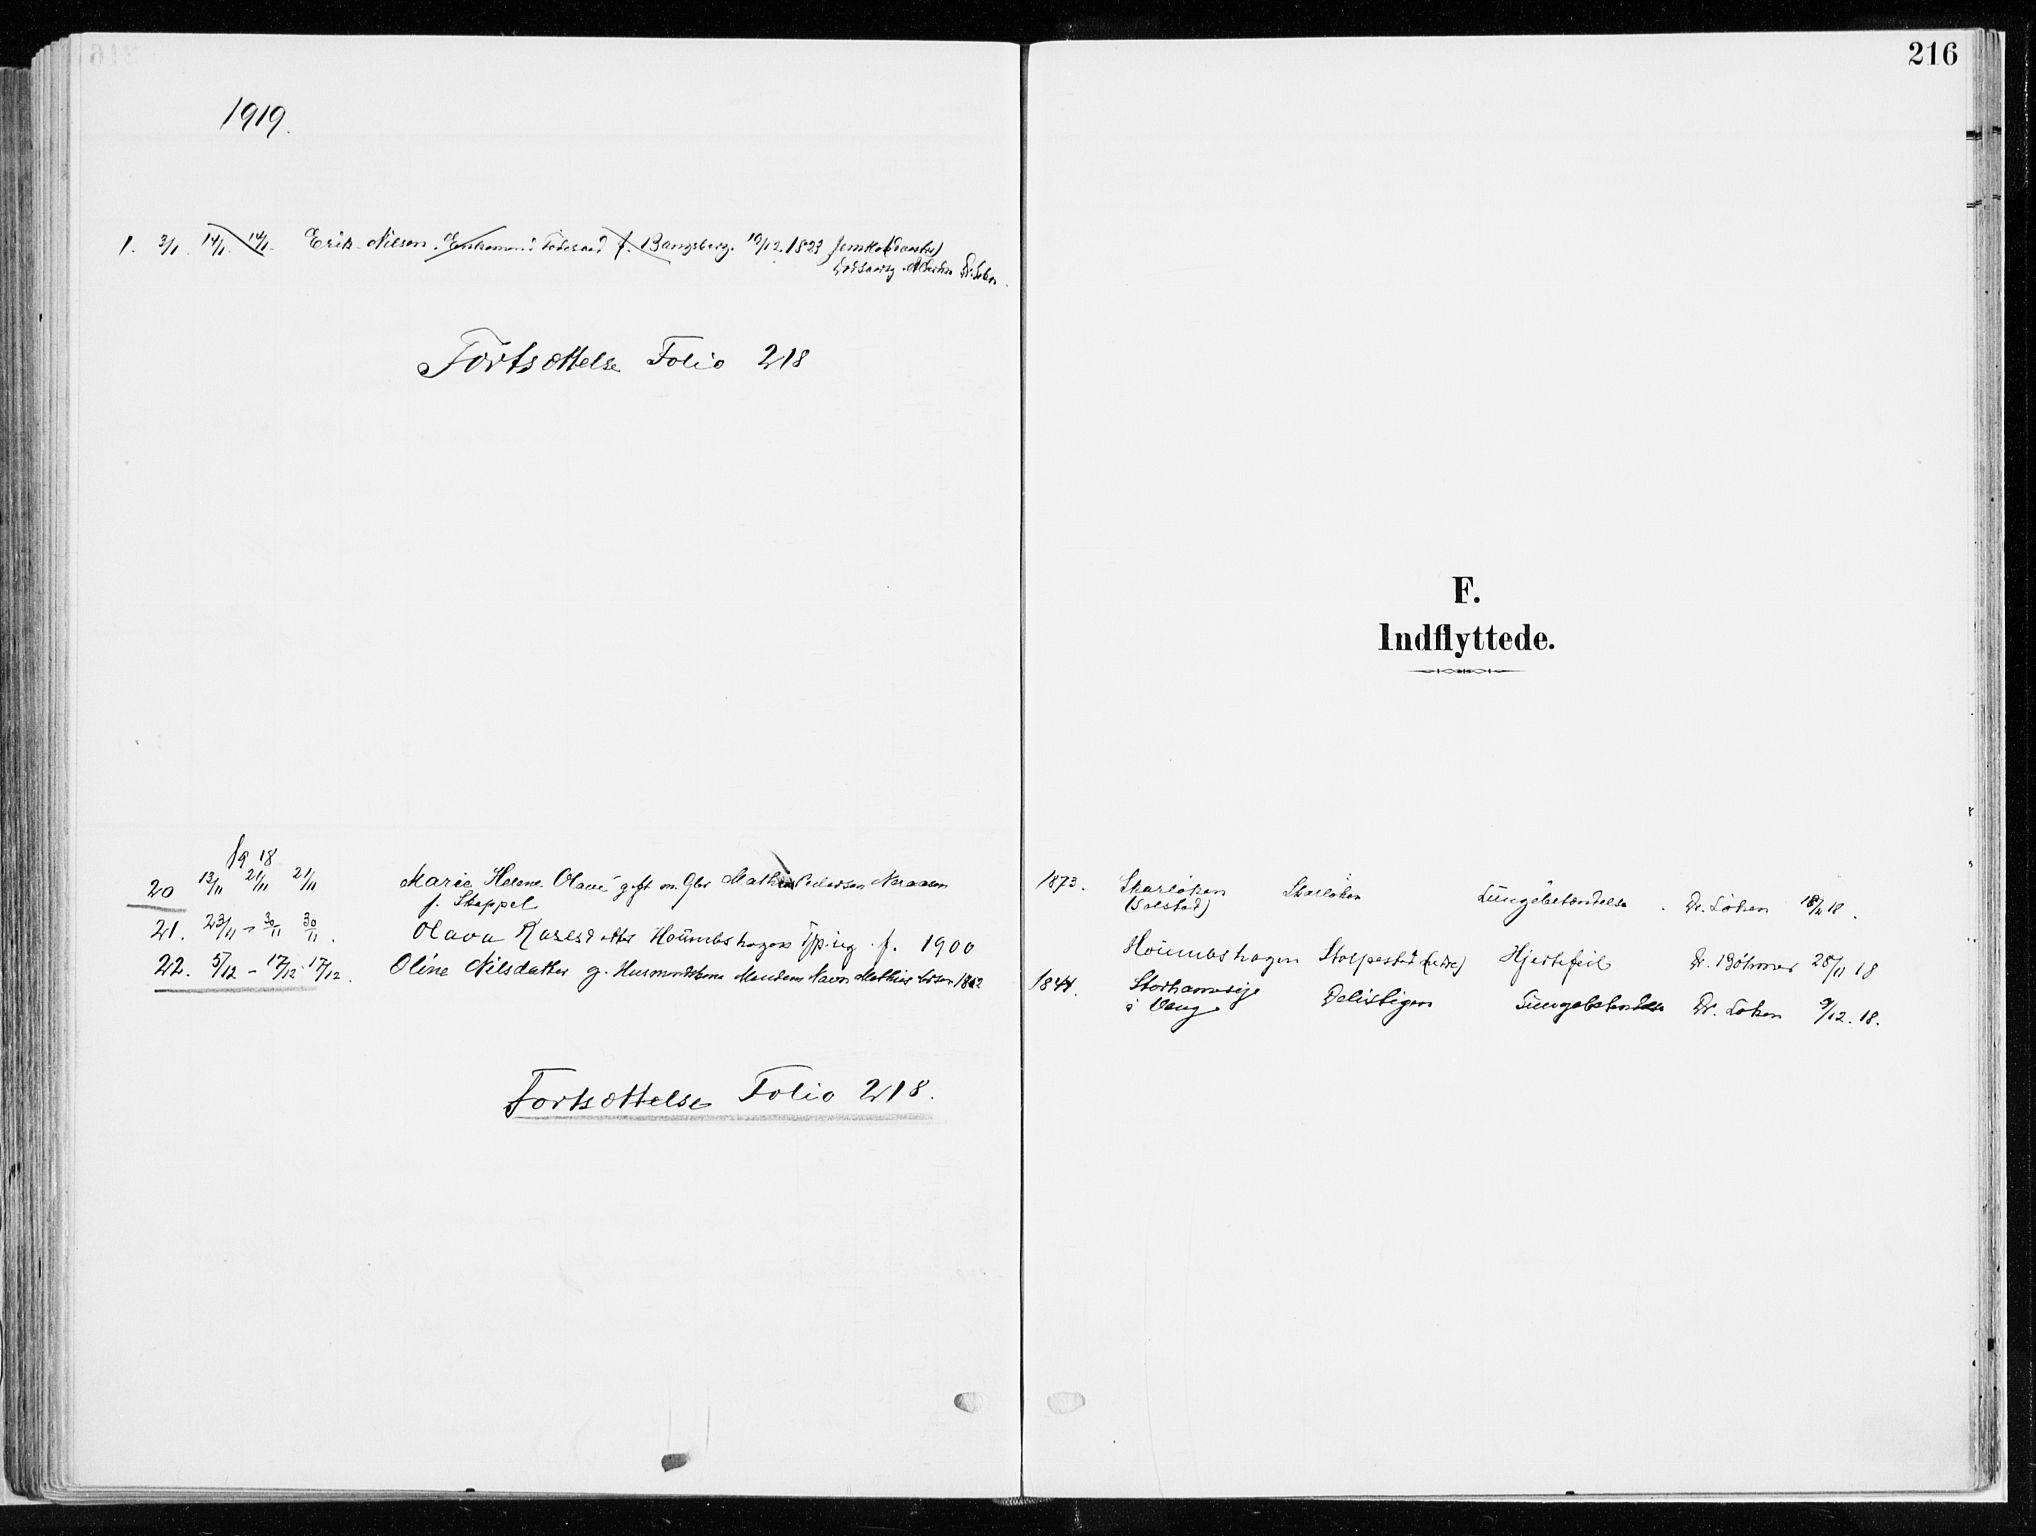 SAH, Ringsaker prestekontor, K/Ka/L0019: Ministerialbok nr. 19, 1905-1920, s. 216